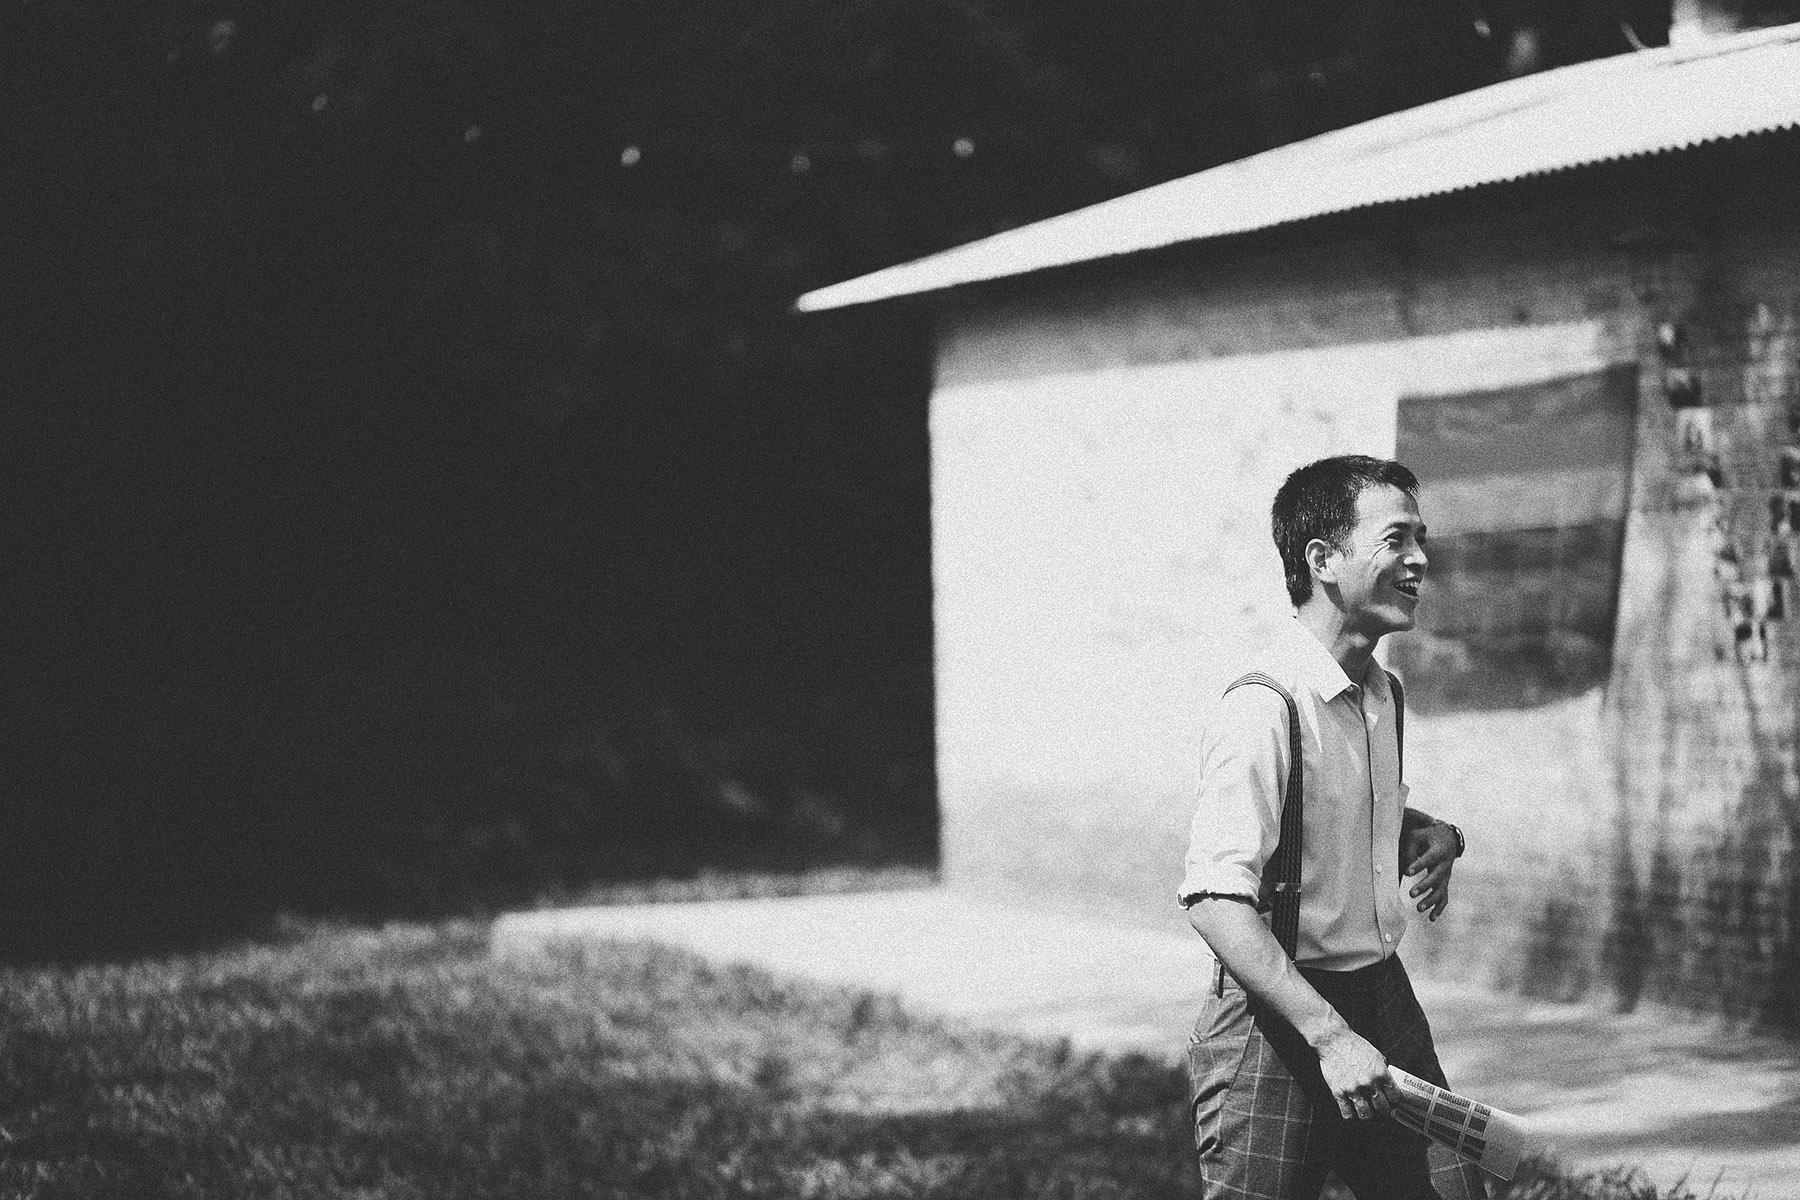 底片婚攝,婚禮攝影,電影風格,台北婚攝推薦,婚攝,婚禮紀錄,底片風格,黑白,彰化,顏氏牧場